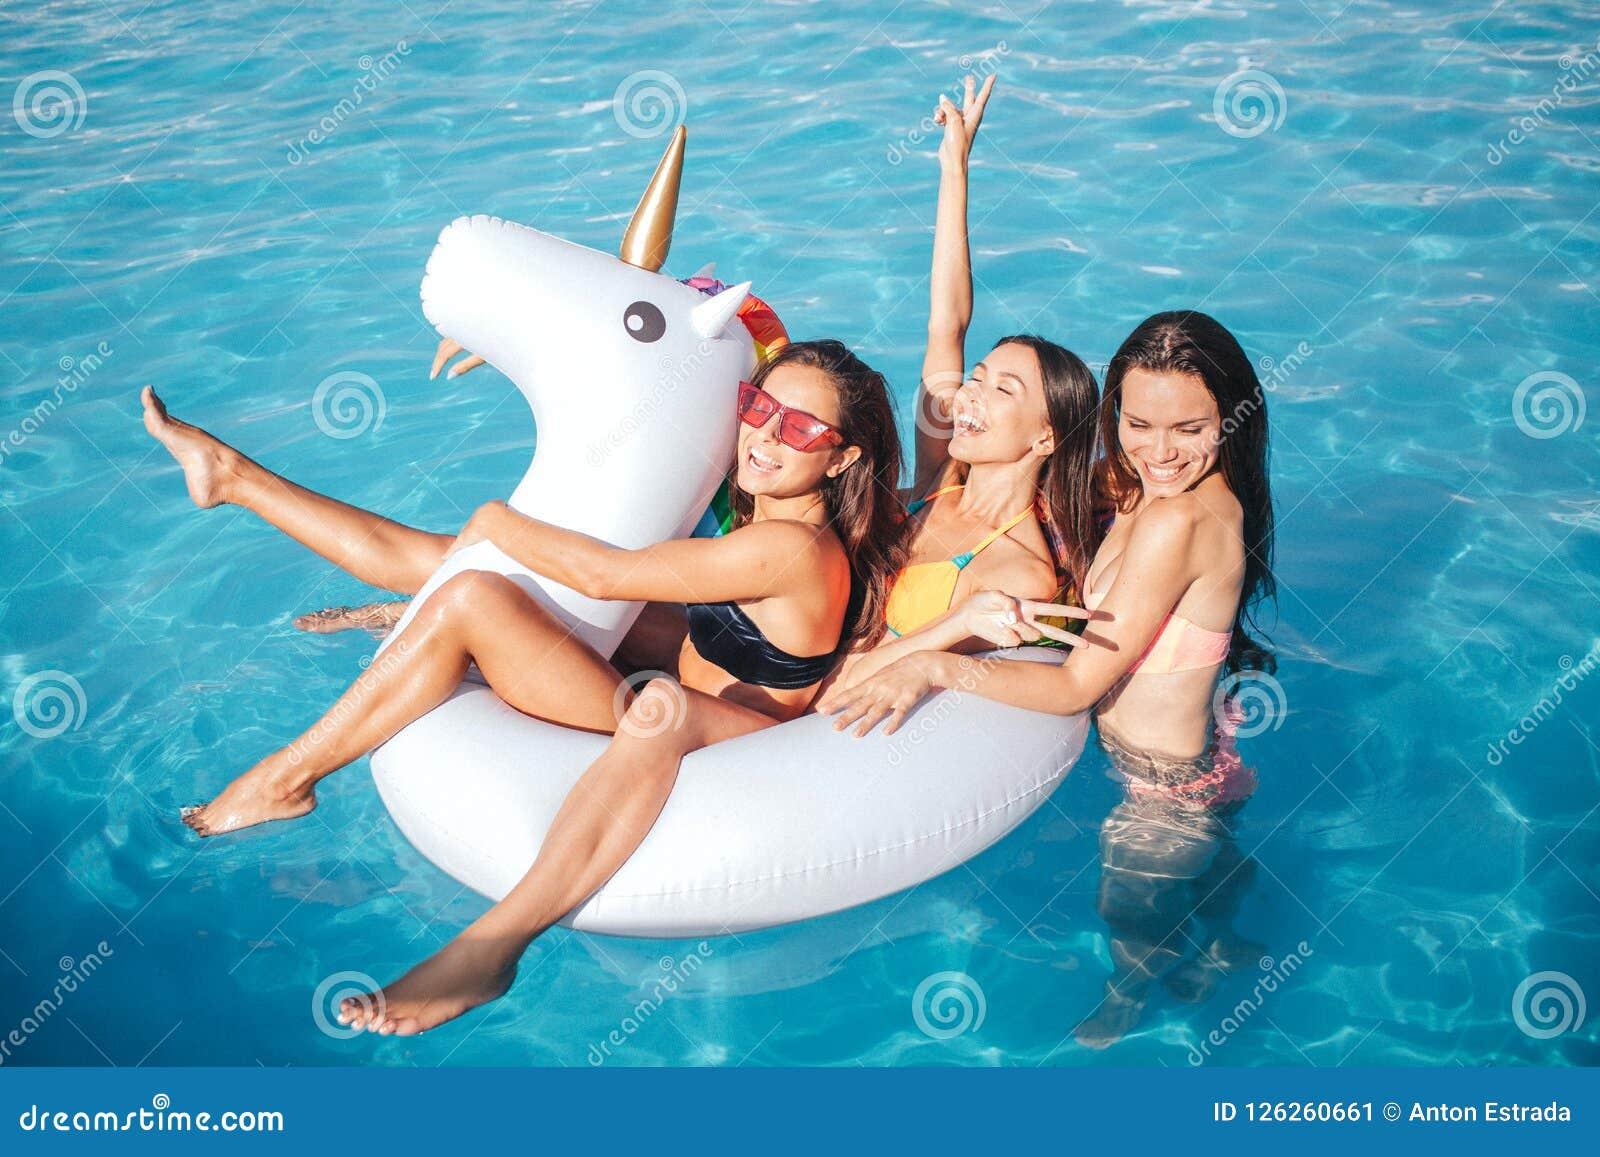 Grappige en schitterende jonge vrouw die in pool zwemmen Zij spelen met witte vlotter Twee modellen zijn daar Derde men is eracht